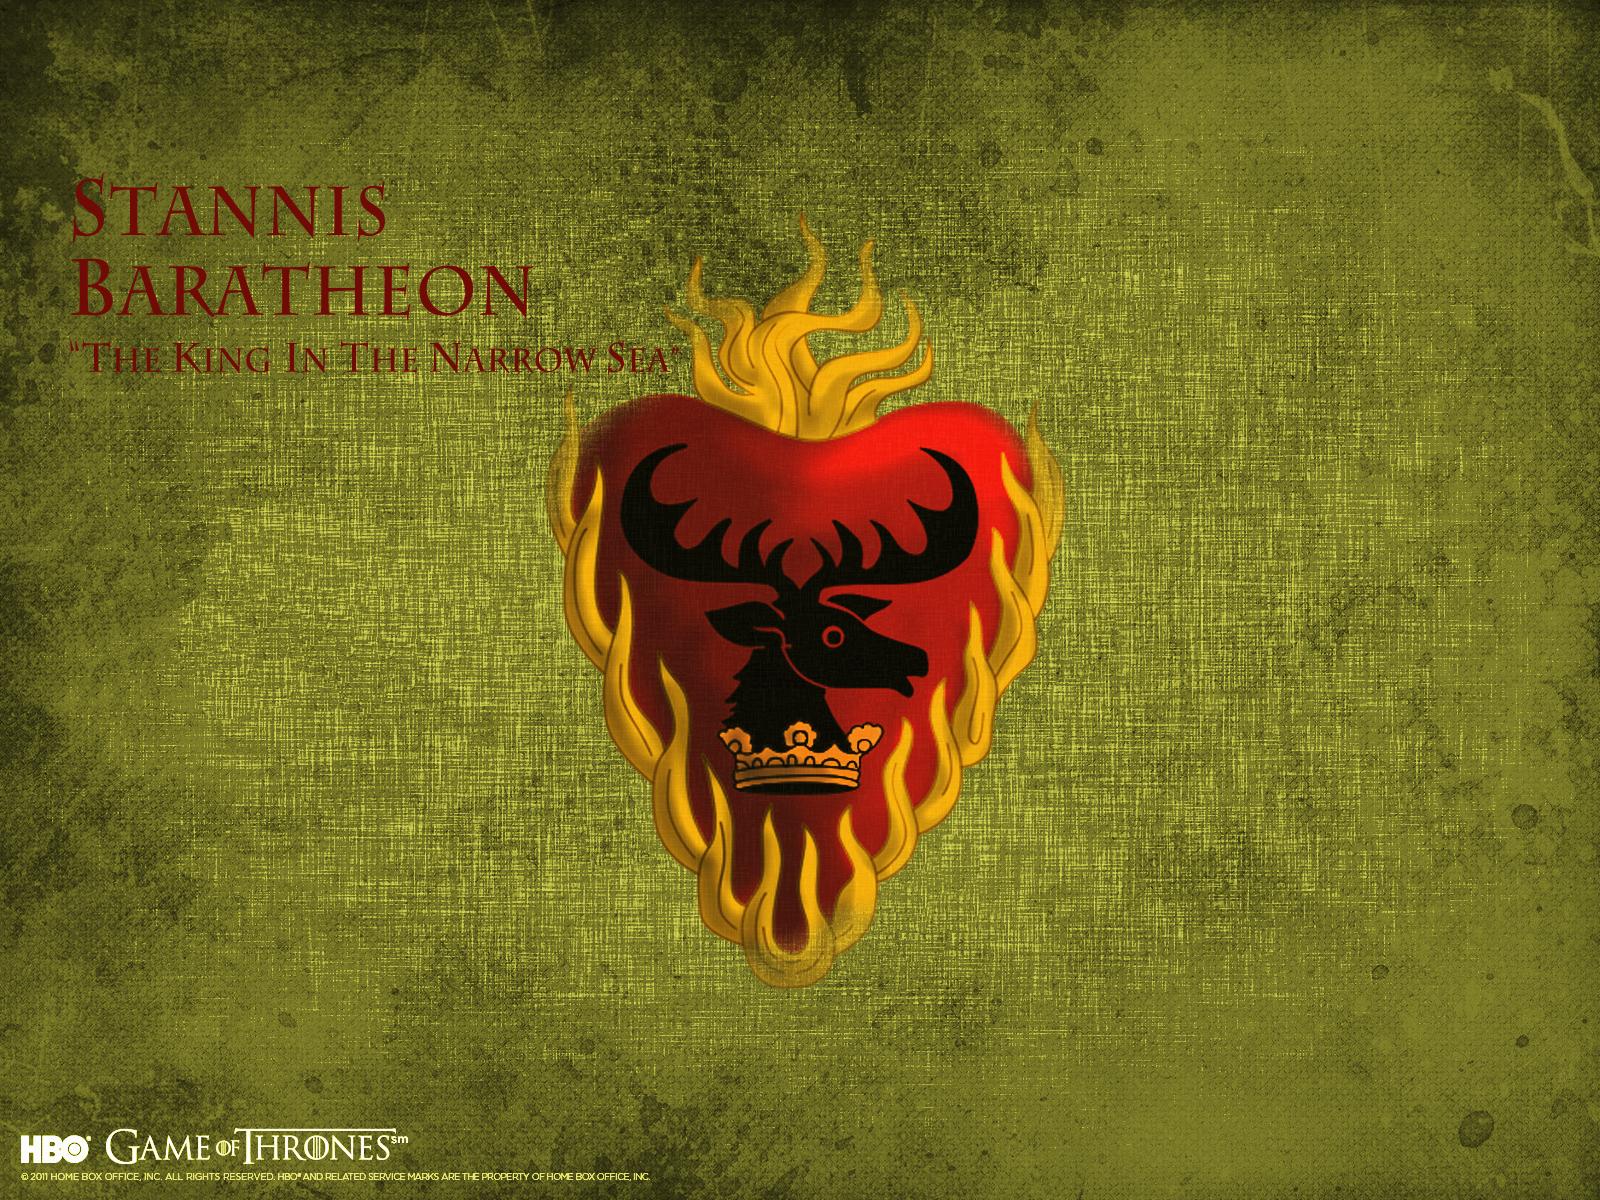 King-Stannis-Wallpaper-stannis-baratheon-31860183-1600-1200.jpg